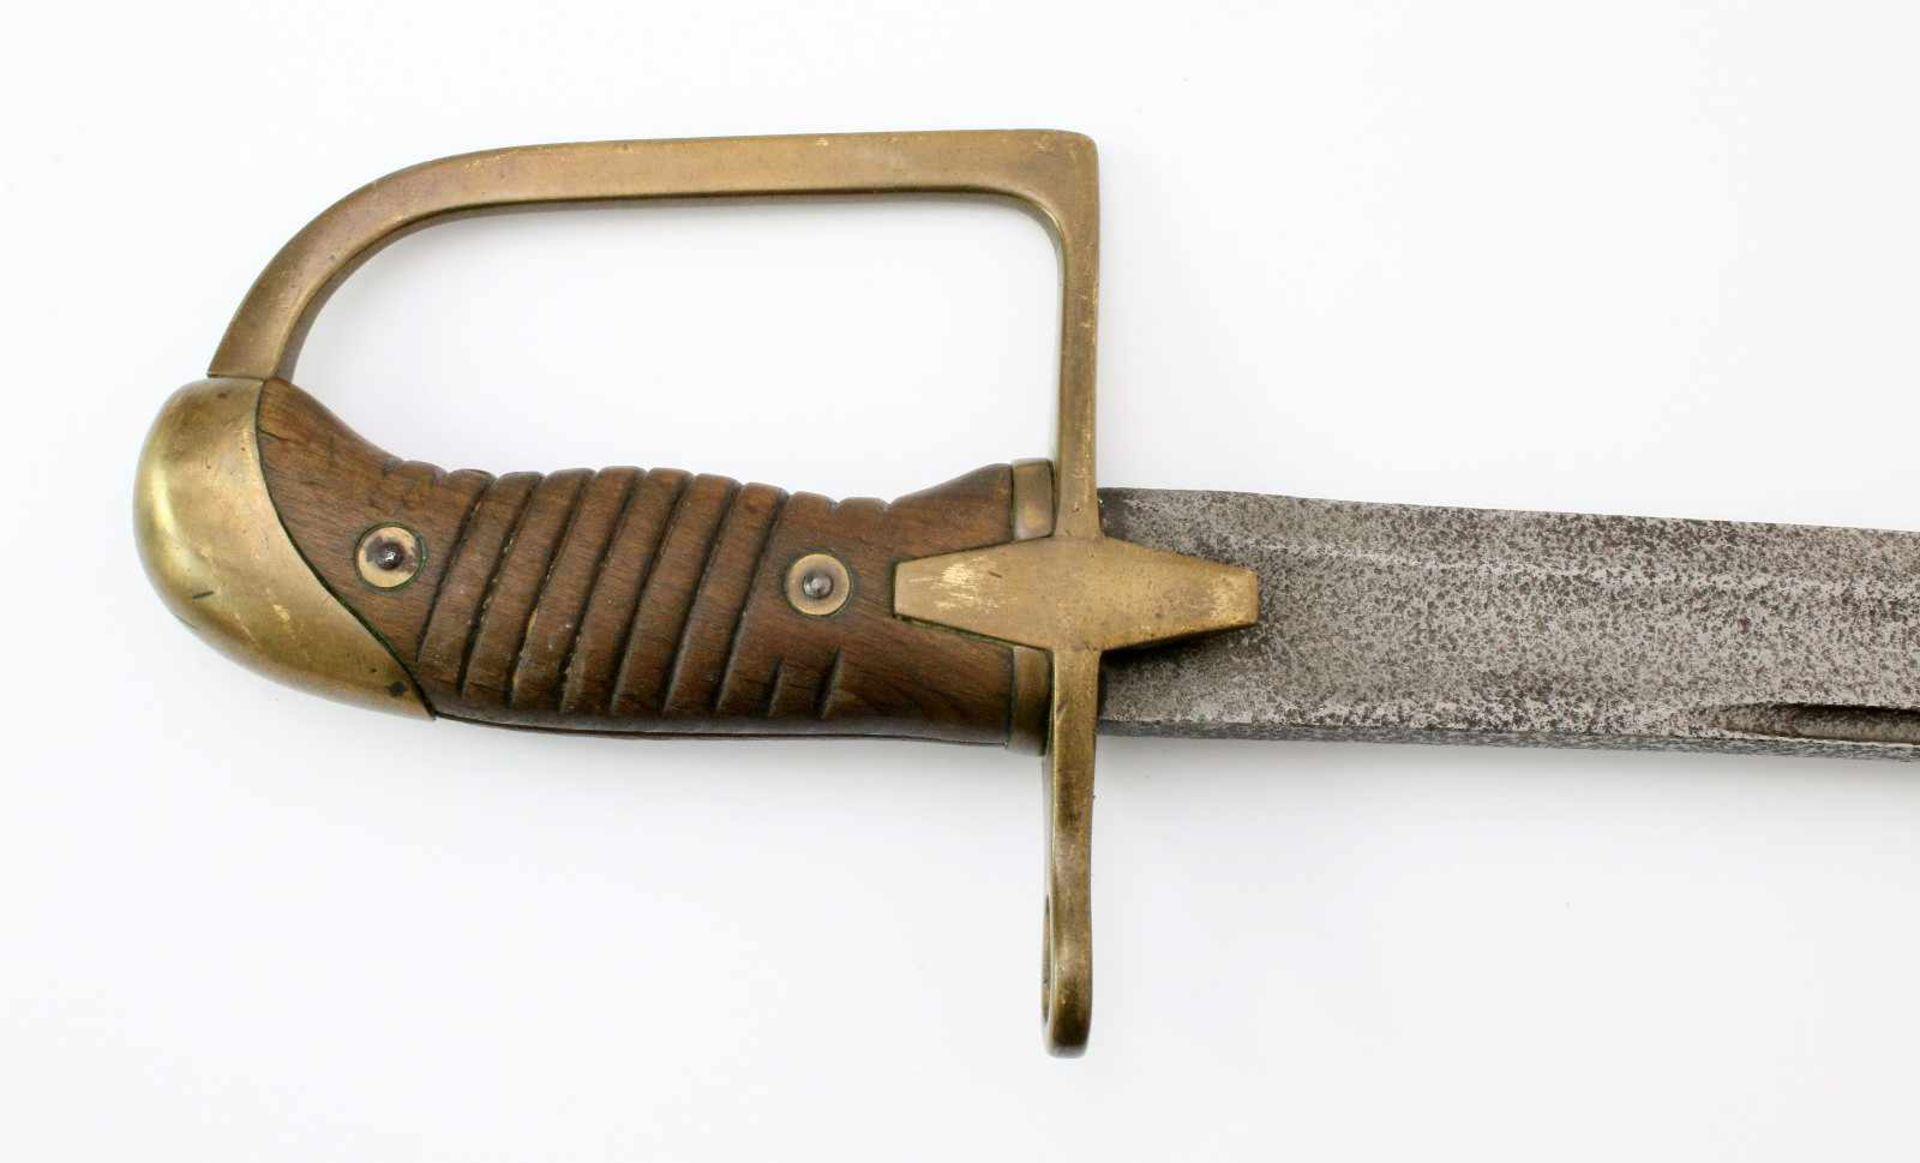 Polen - Säbel M1934 für Mannschaften der KavallerieLeicht geschwungene Klinge à la Montmorency. - Bild 4 aus 4